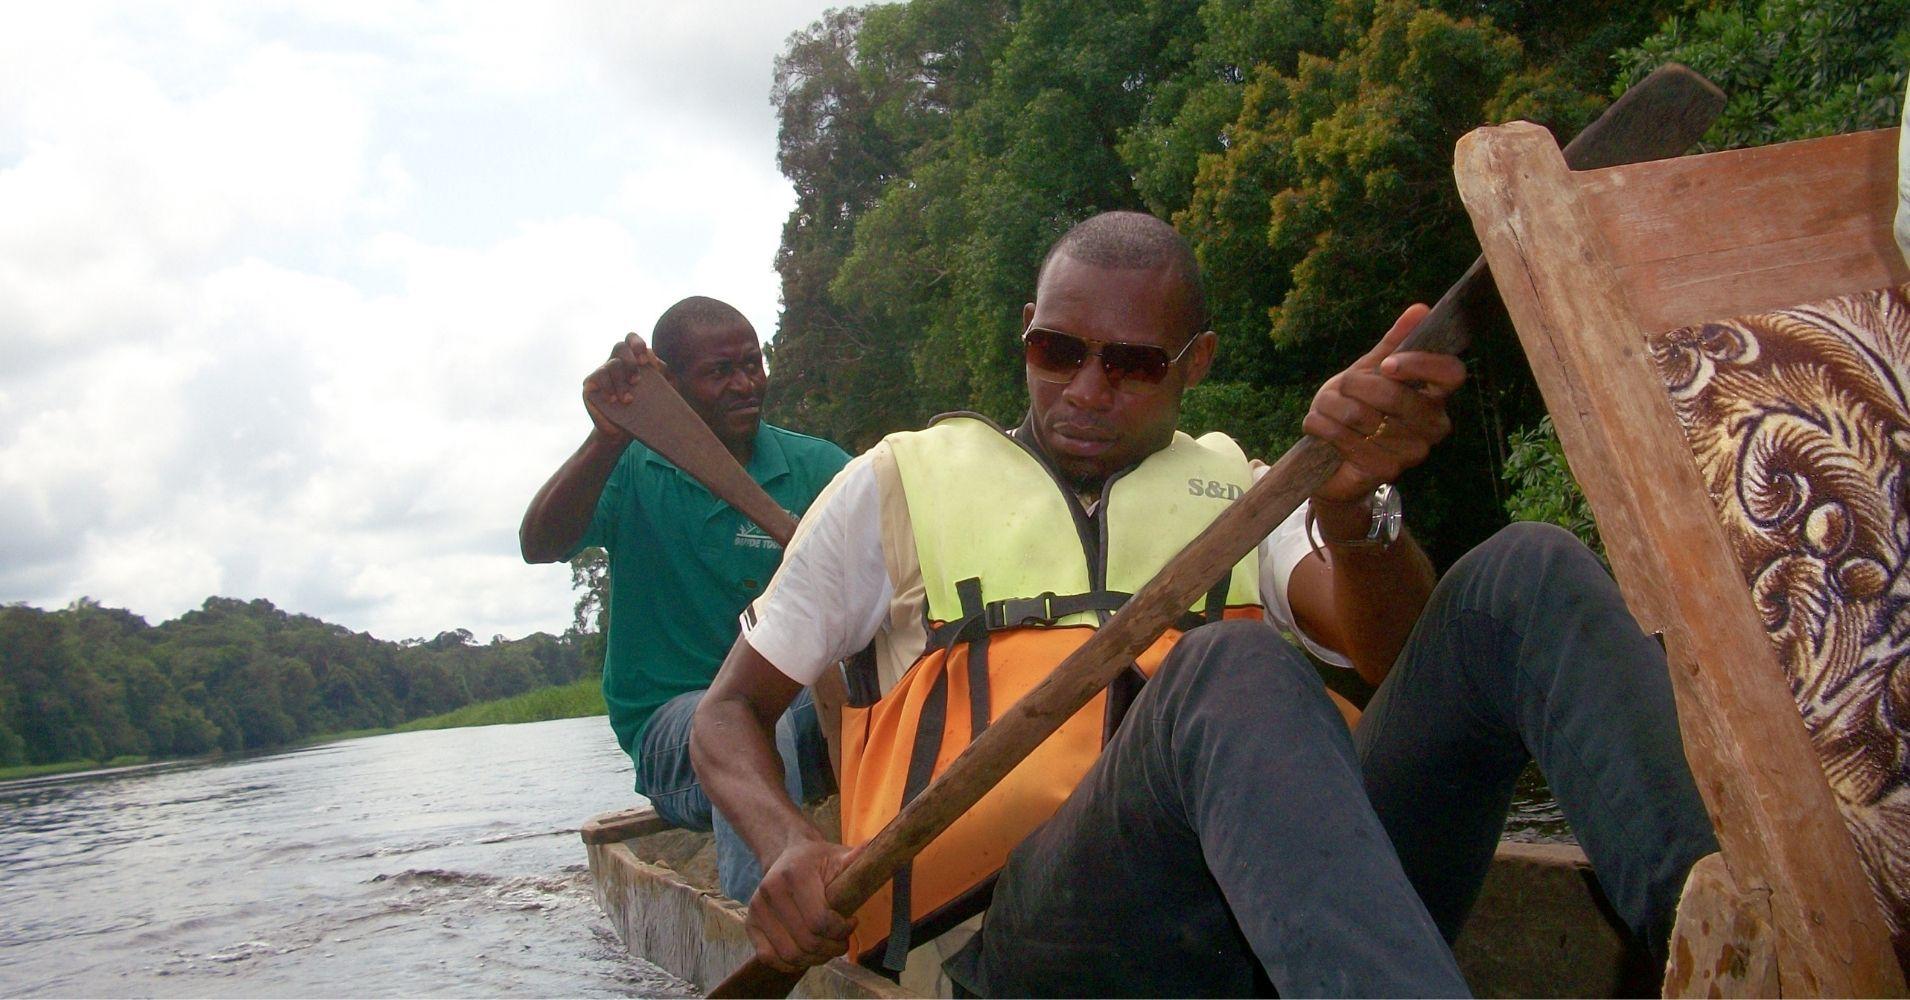 Navegando por el Río Nyong. Ebogo, Camerún.